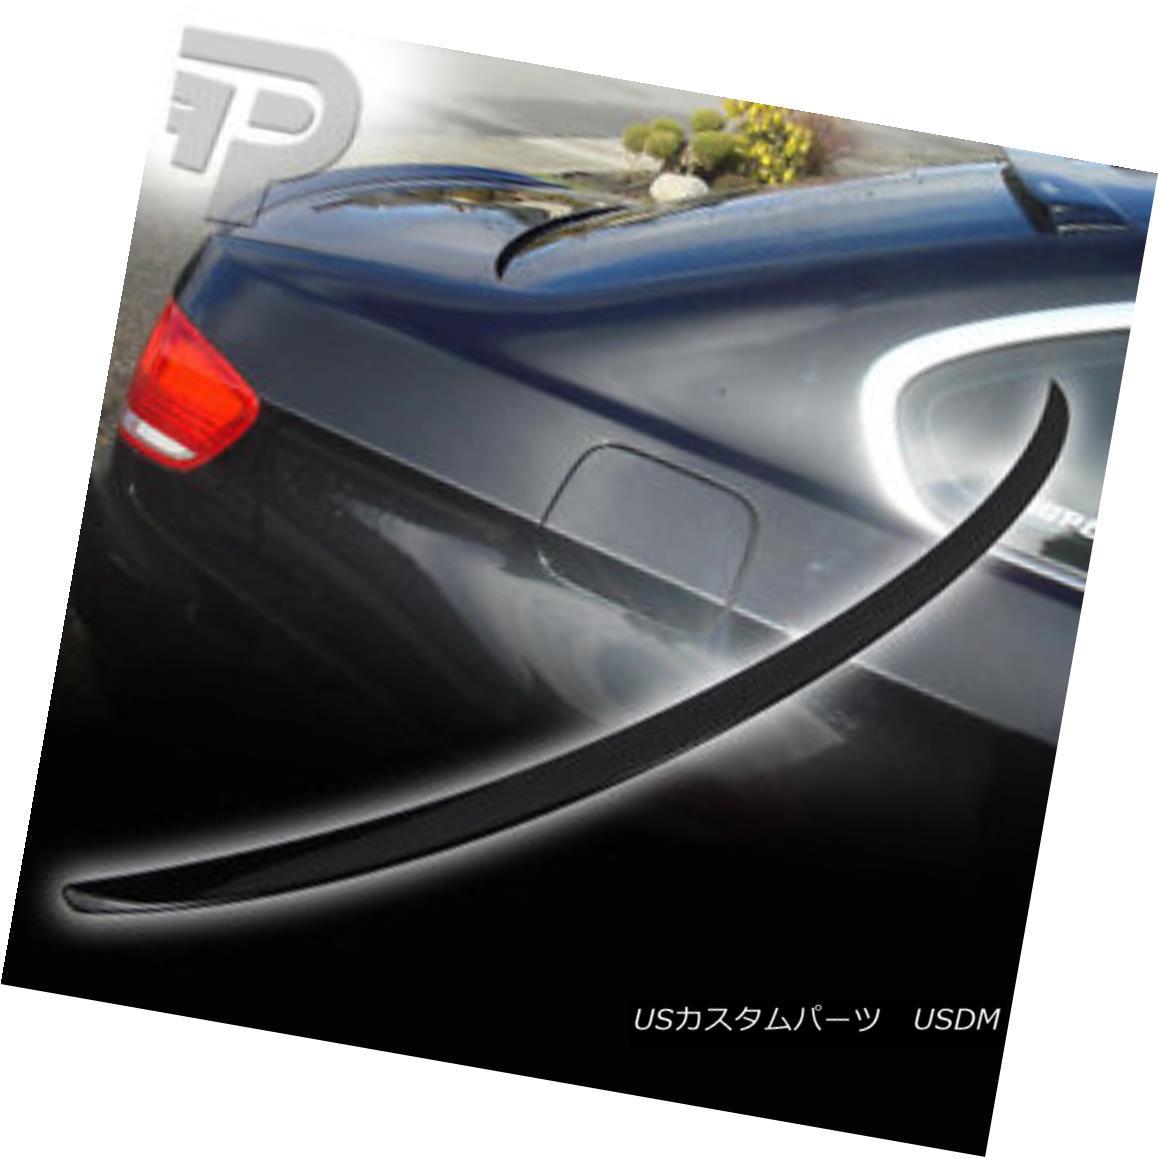 エアロパーツ PAINTED E92 2D COUPE BMW M3 TYPE TRUNK BOOT REAR SPOILER A22 ▼ 塗装済みE92 2DカップリングBMW M3タイプトランクブーツリアスポイラA22?